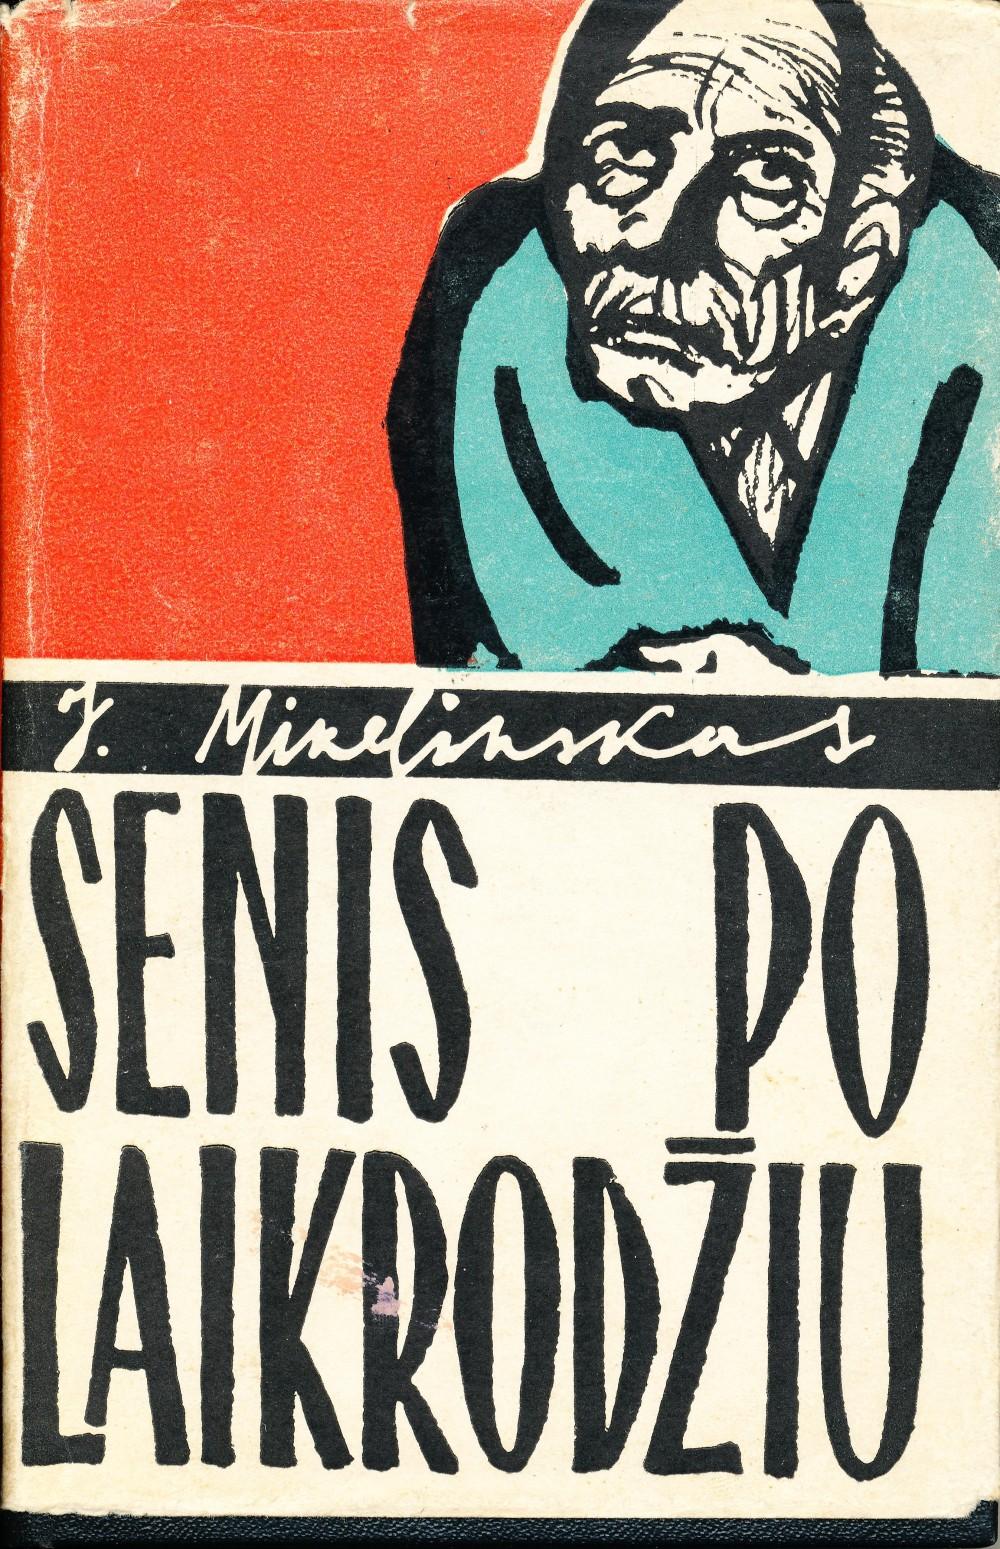 Pirmoji J. Mikelinsko apsakymų knyga. Vilnius. 1960 m.